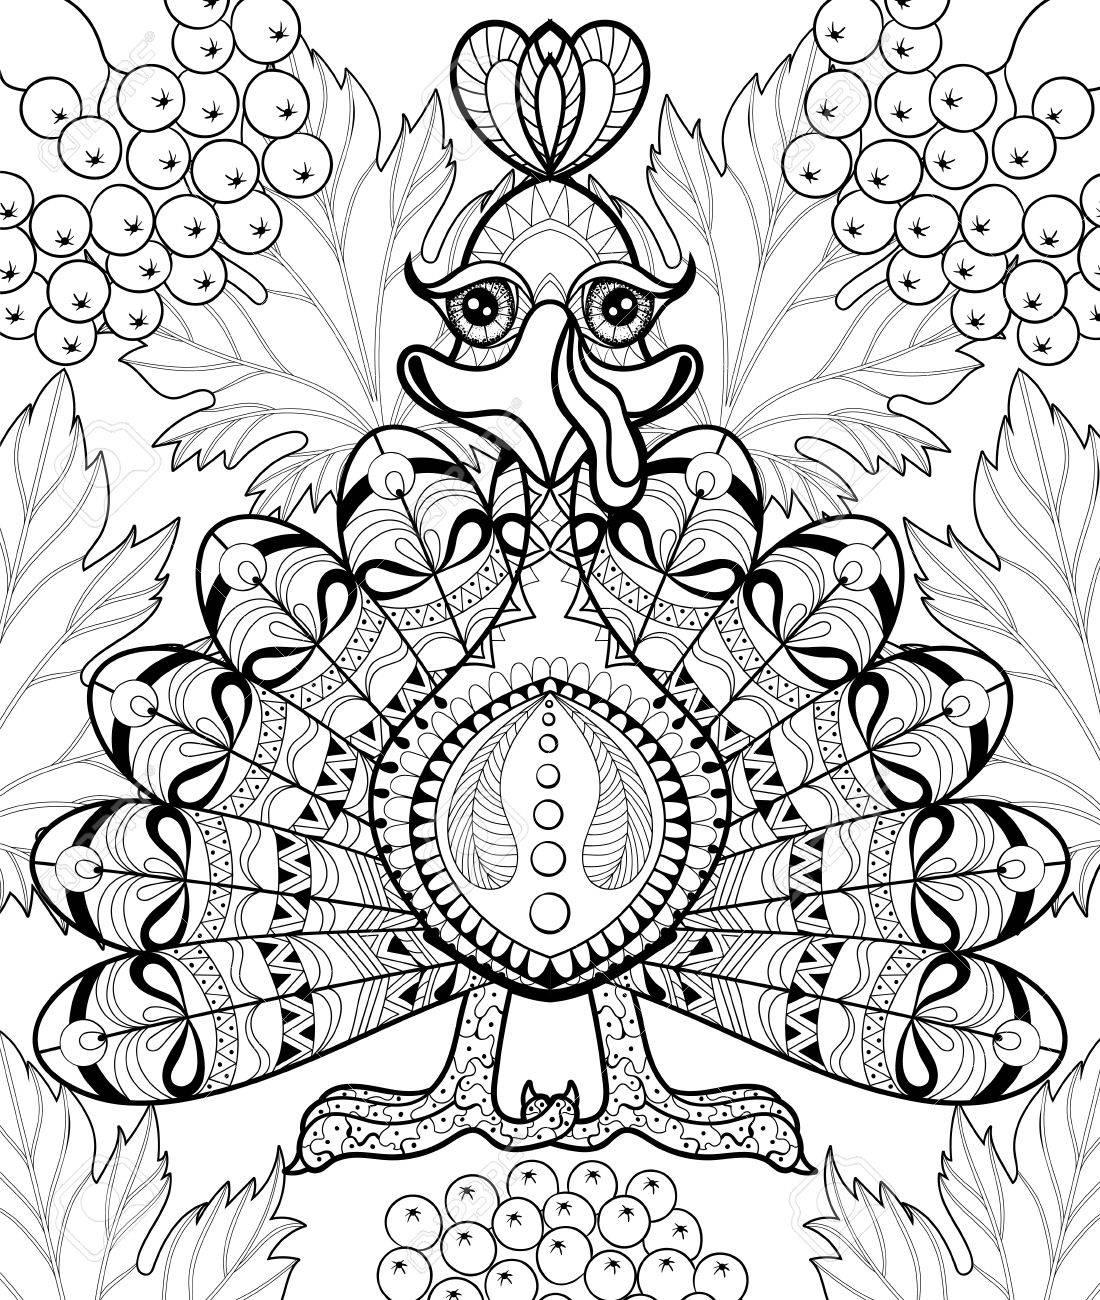 Coloriage Anti Stress Automne.Turquie Stylisee Avec Des Feuilles D Automne Pour Le Jour De Thanksgiving Croquis A Main Levee Pour Coloriage Anti Stress Adulte Avec Des Elements De